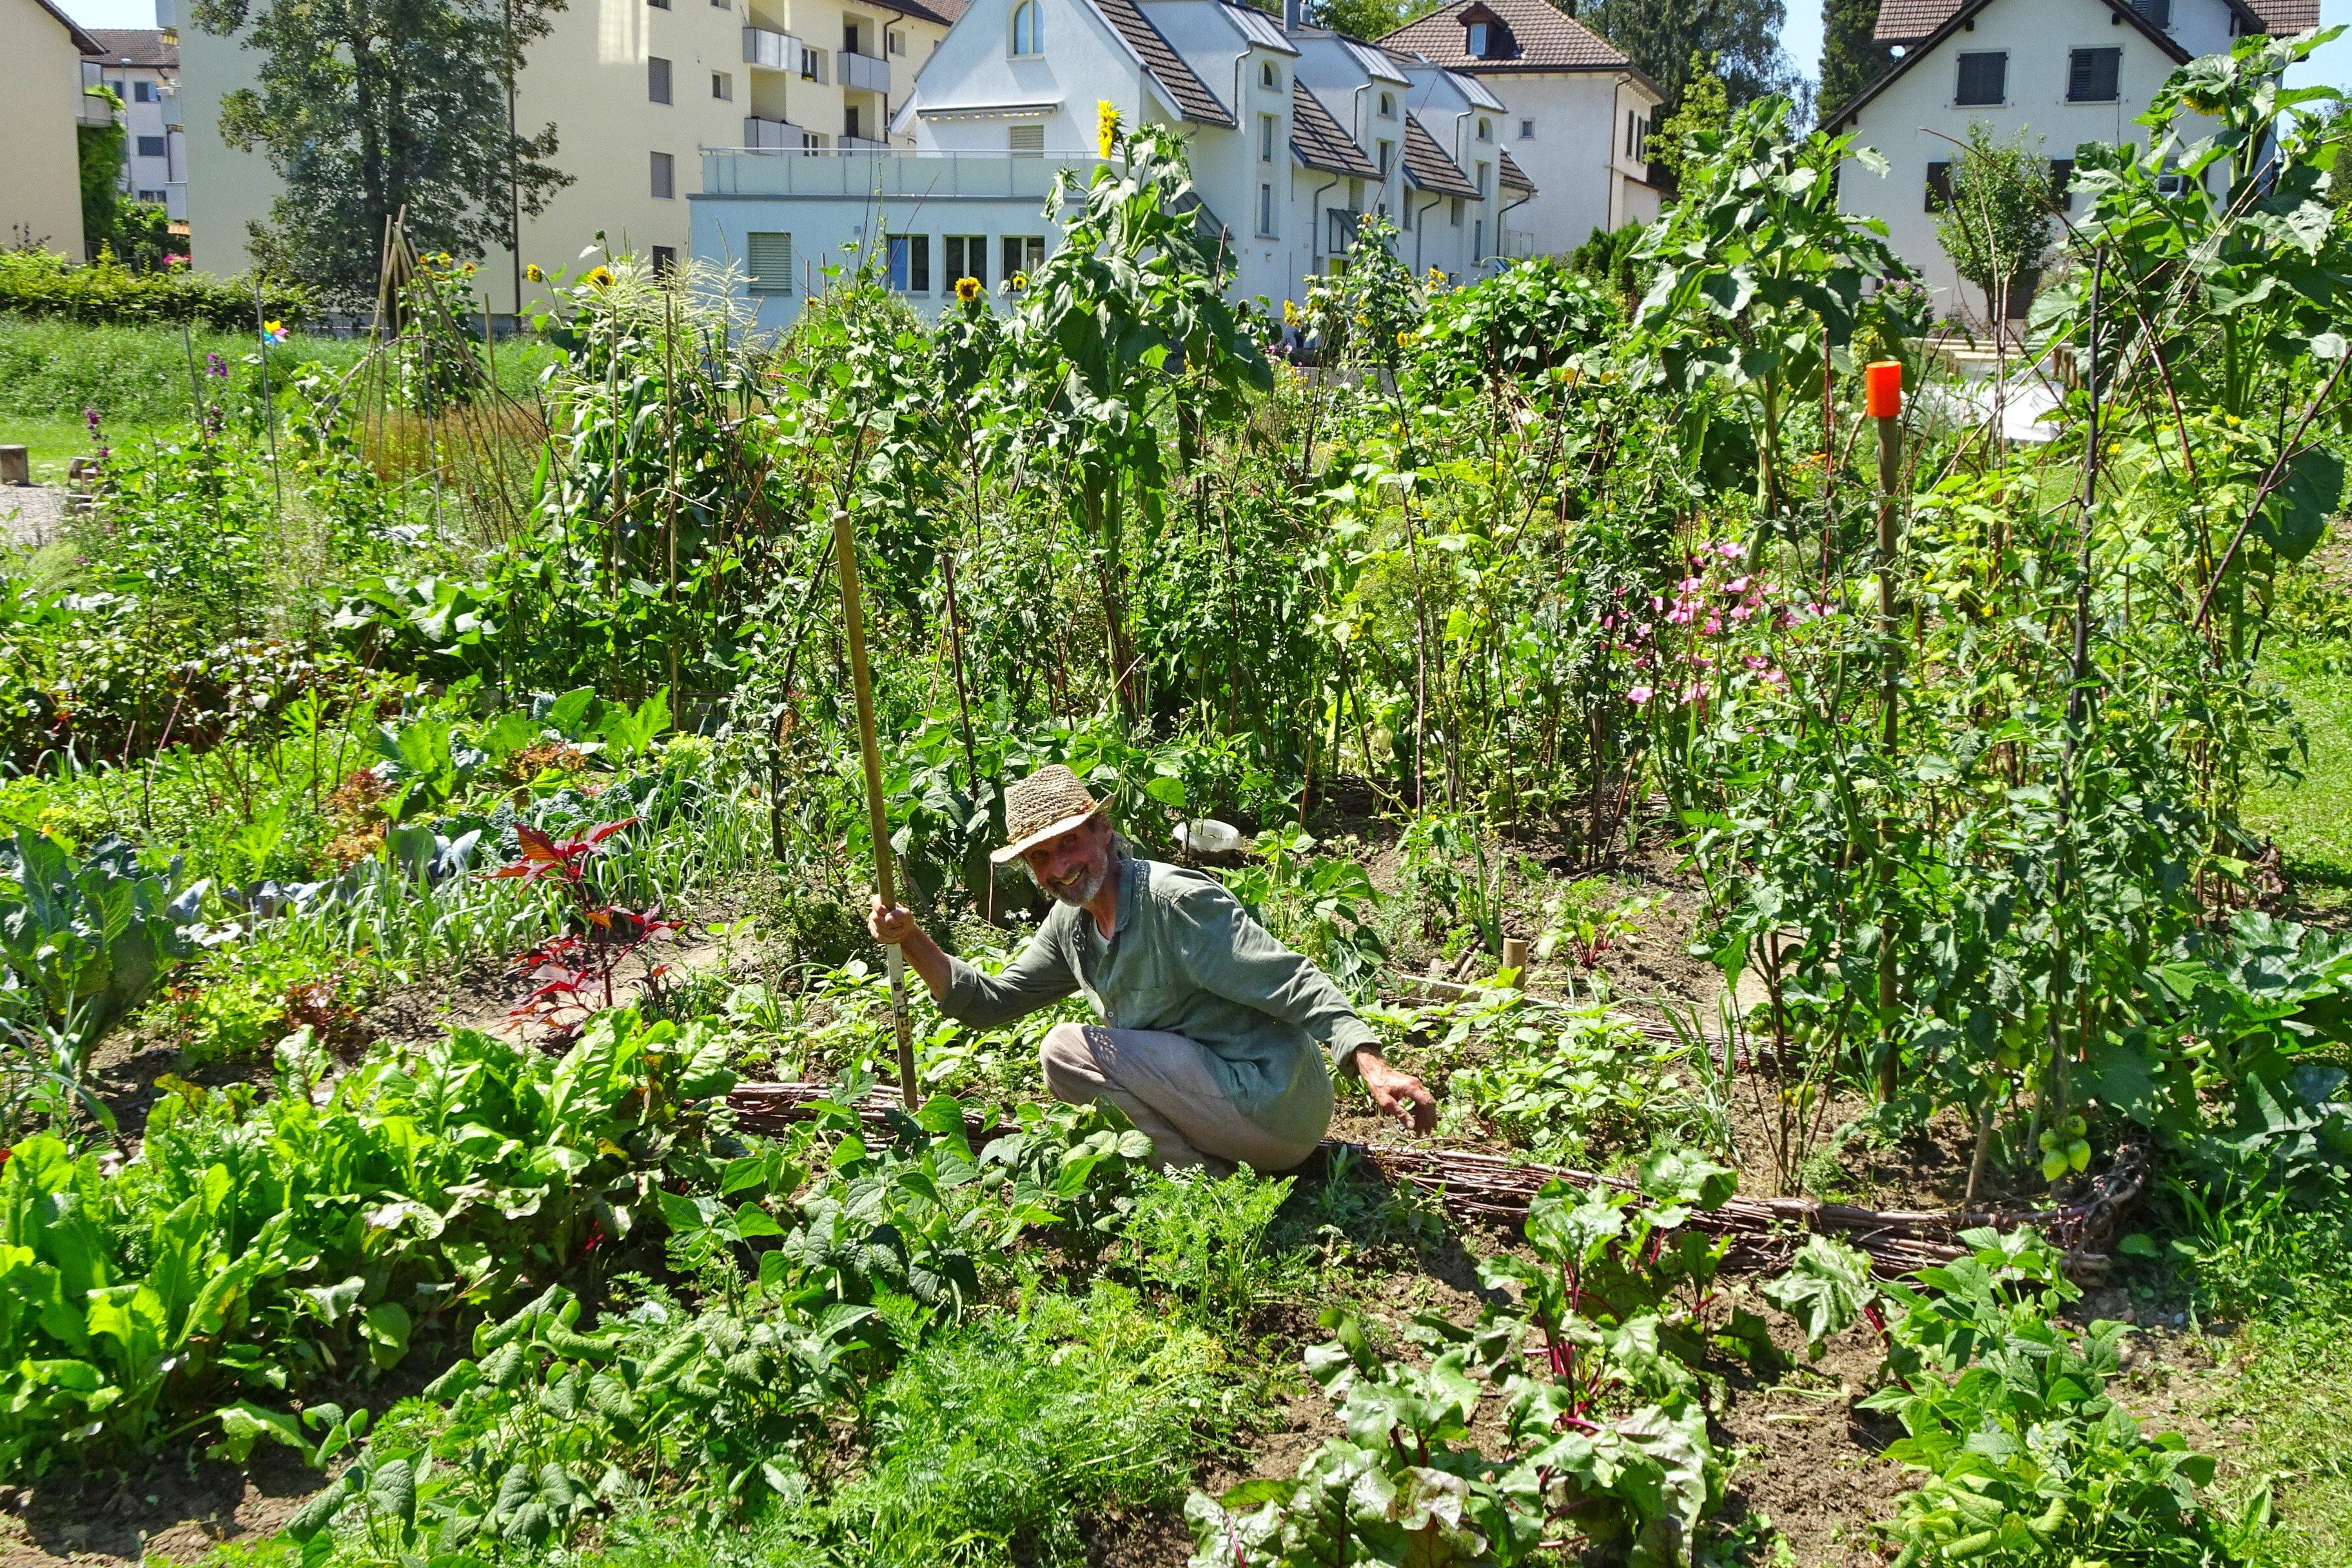 2020-08-07 Ogif Garten 09, Walter